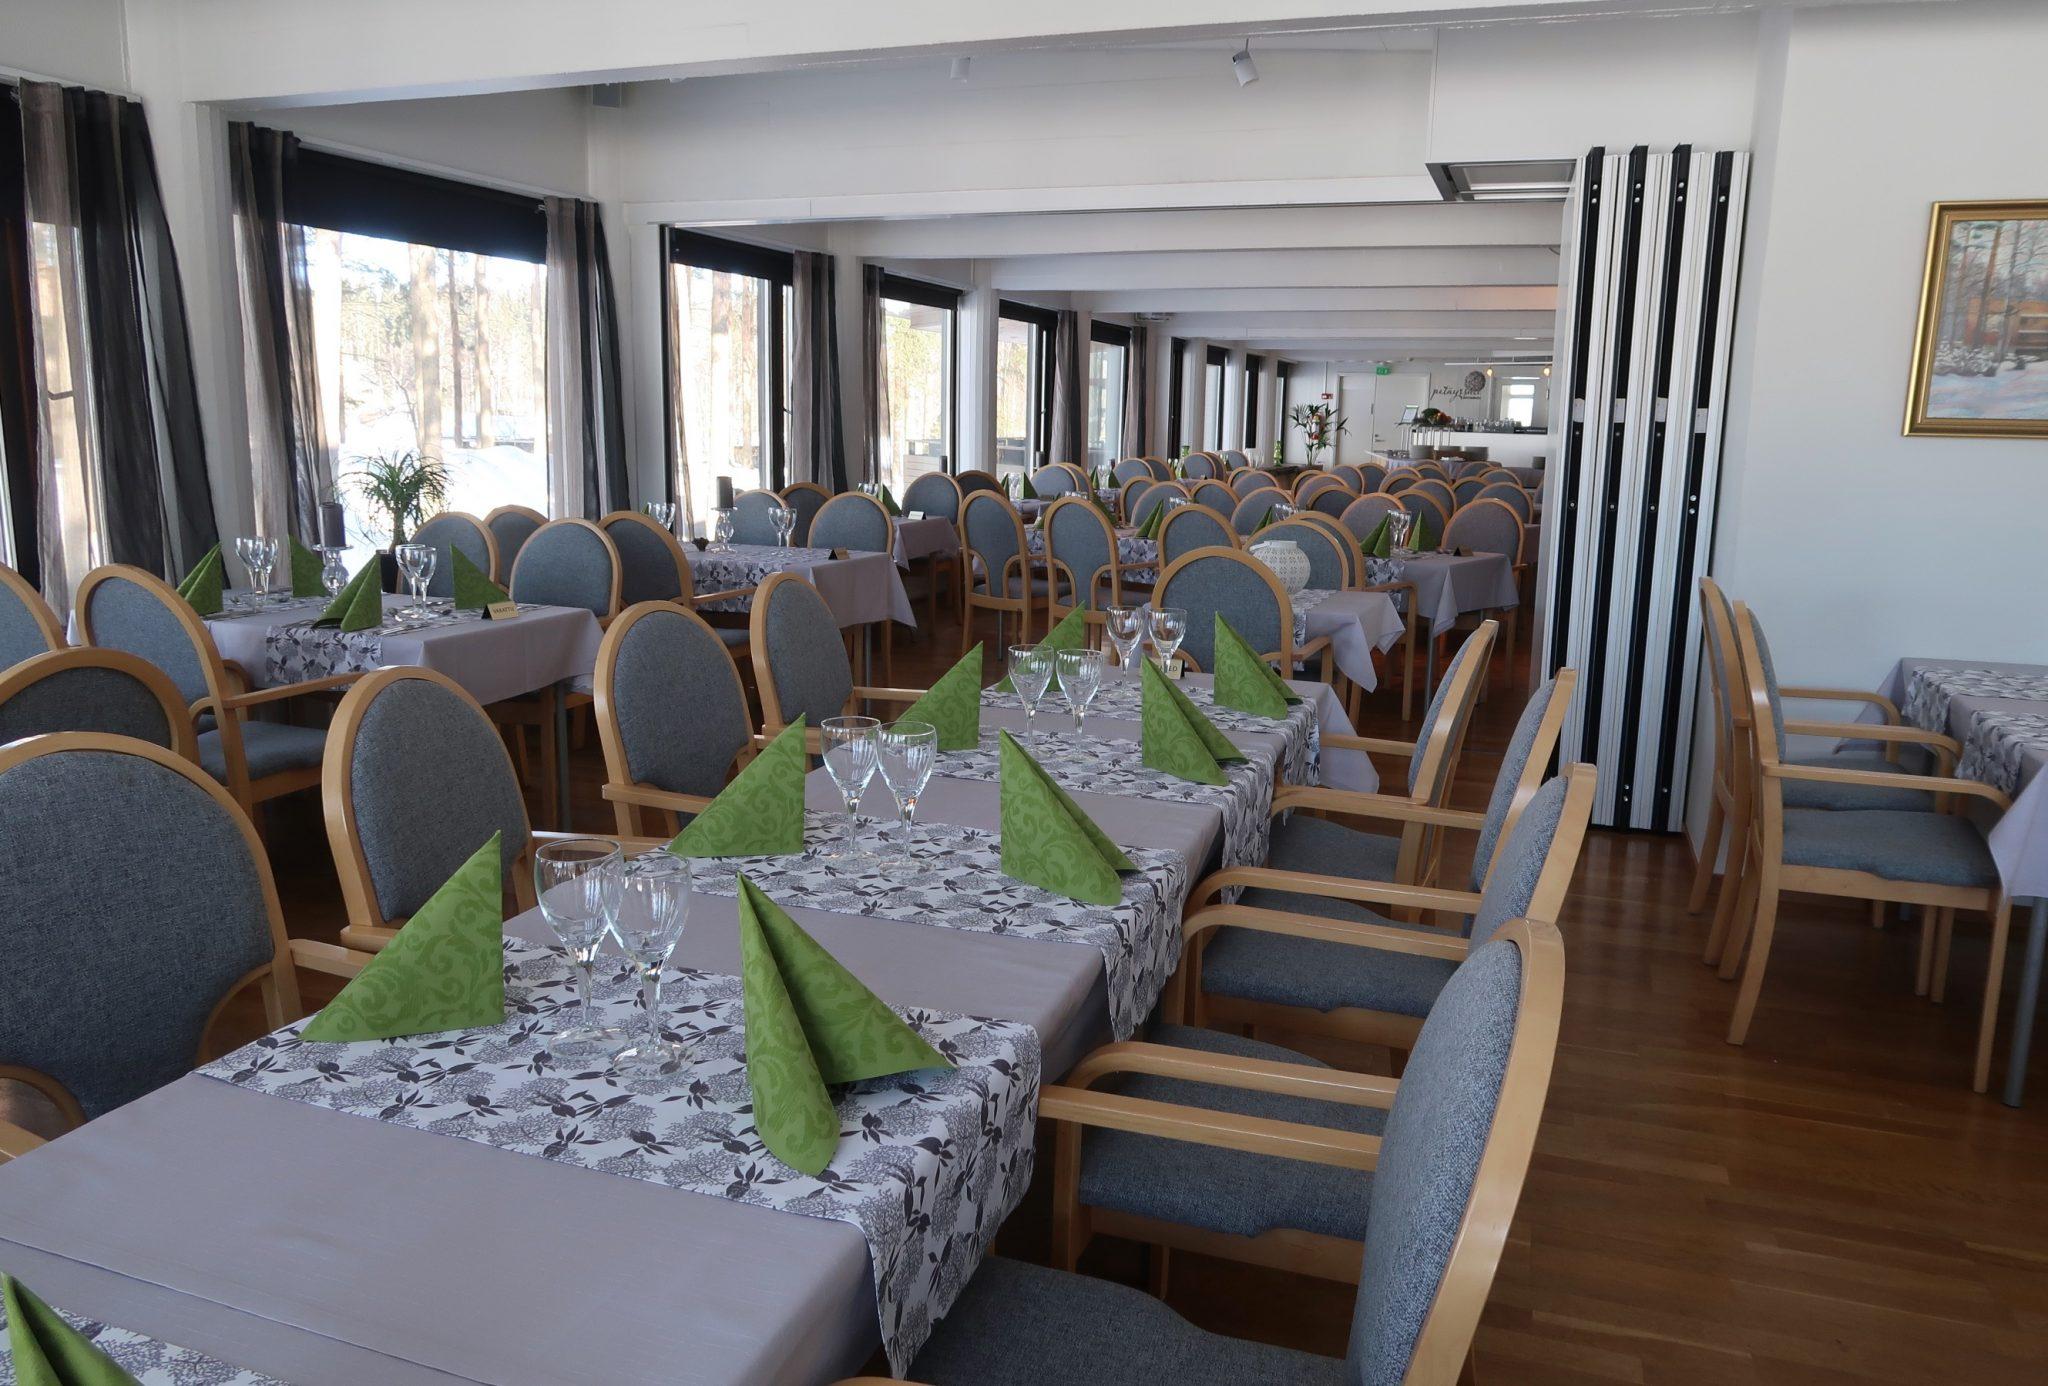 Petäys Resort ravintola